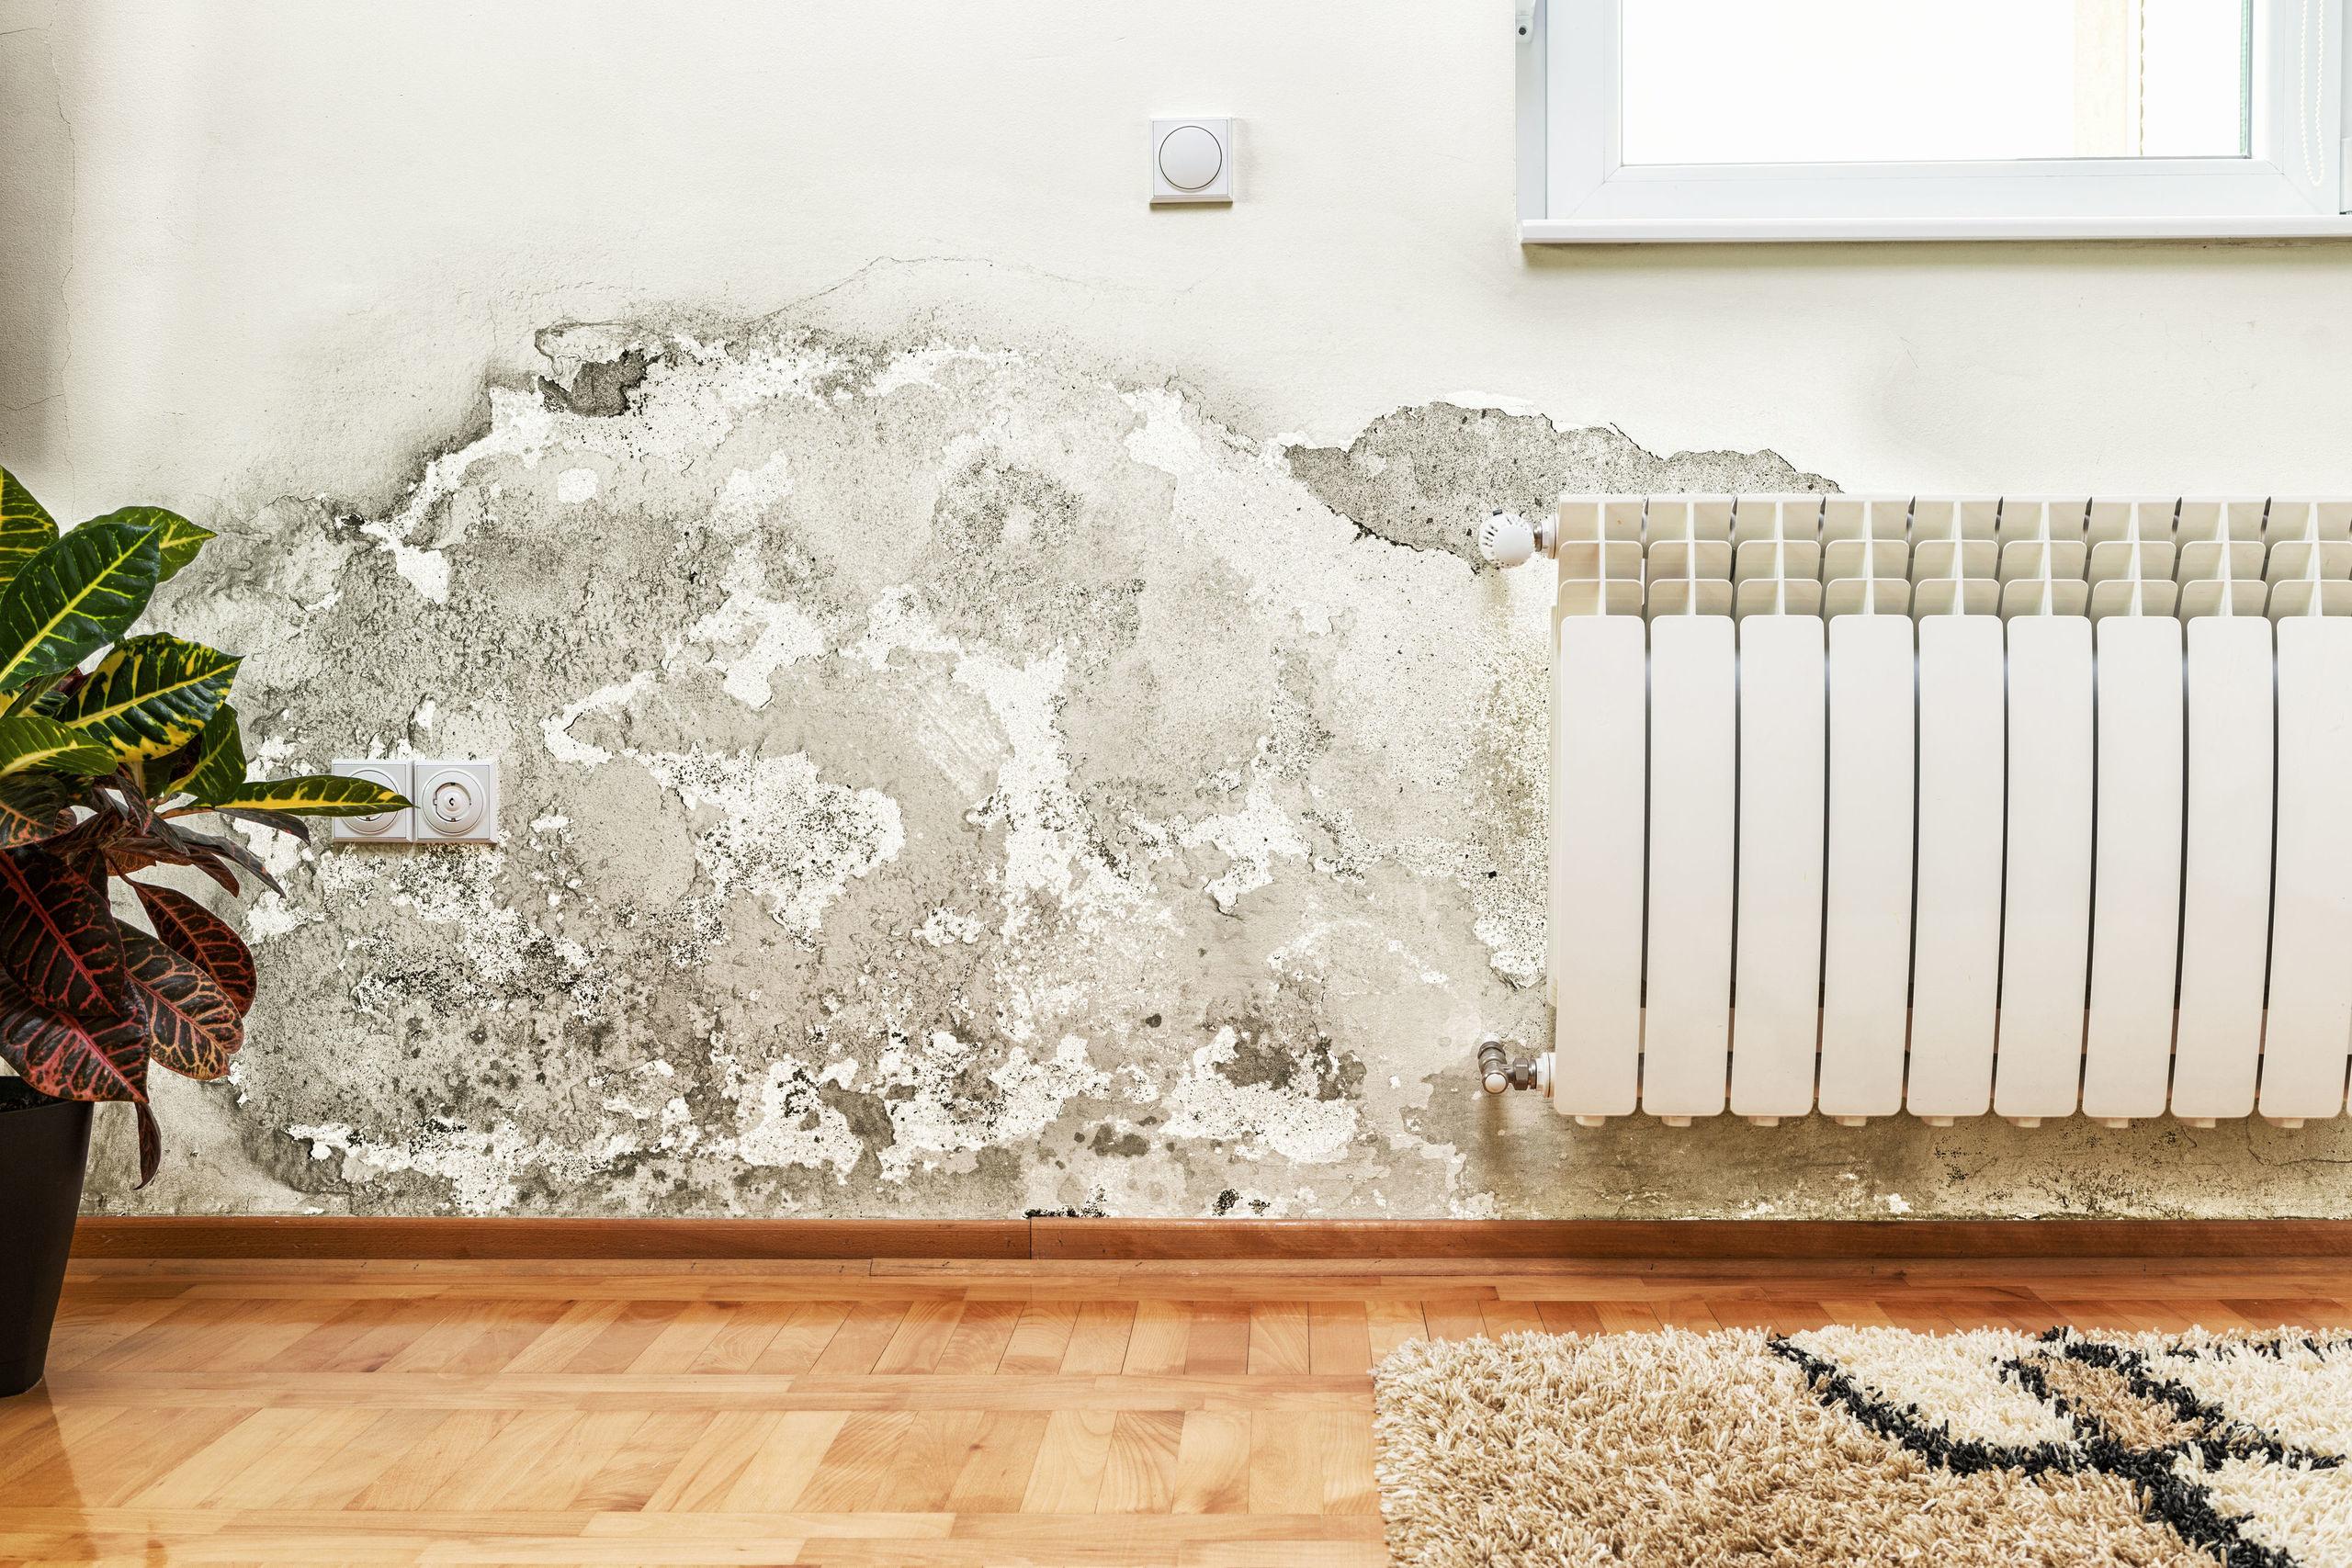 Muro Bagnato Cosa Fare umidità e muffa in casa: da cosa è causata e come